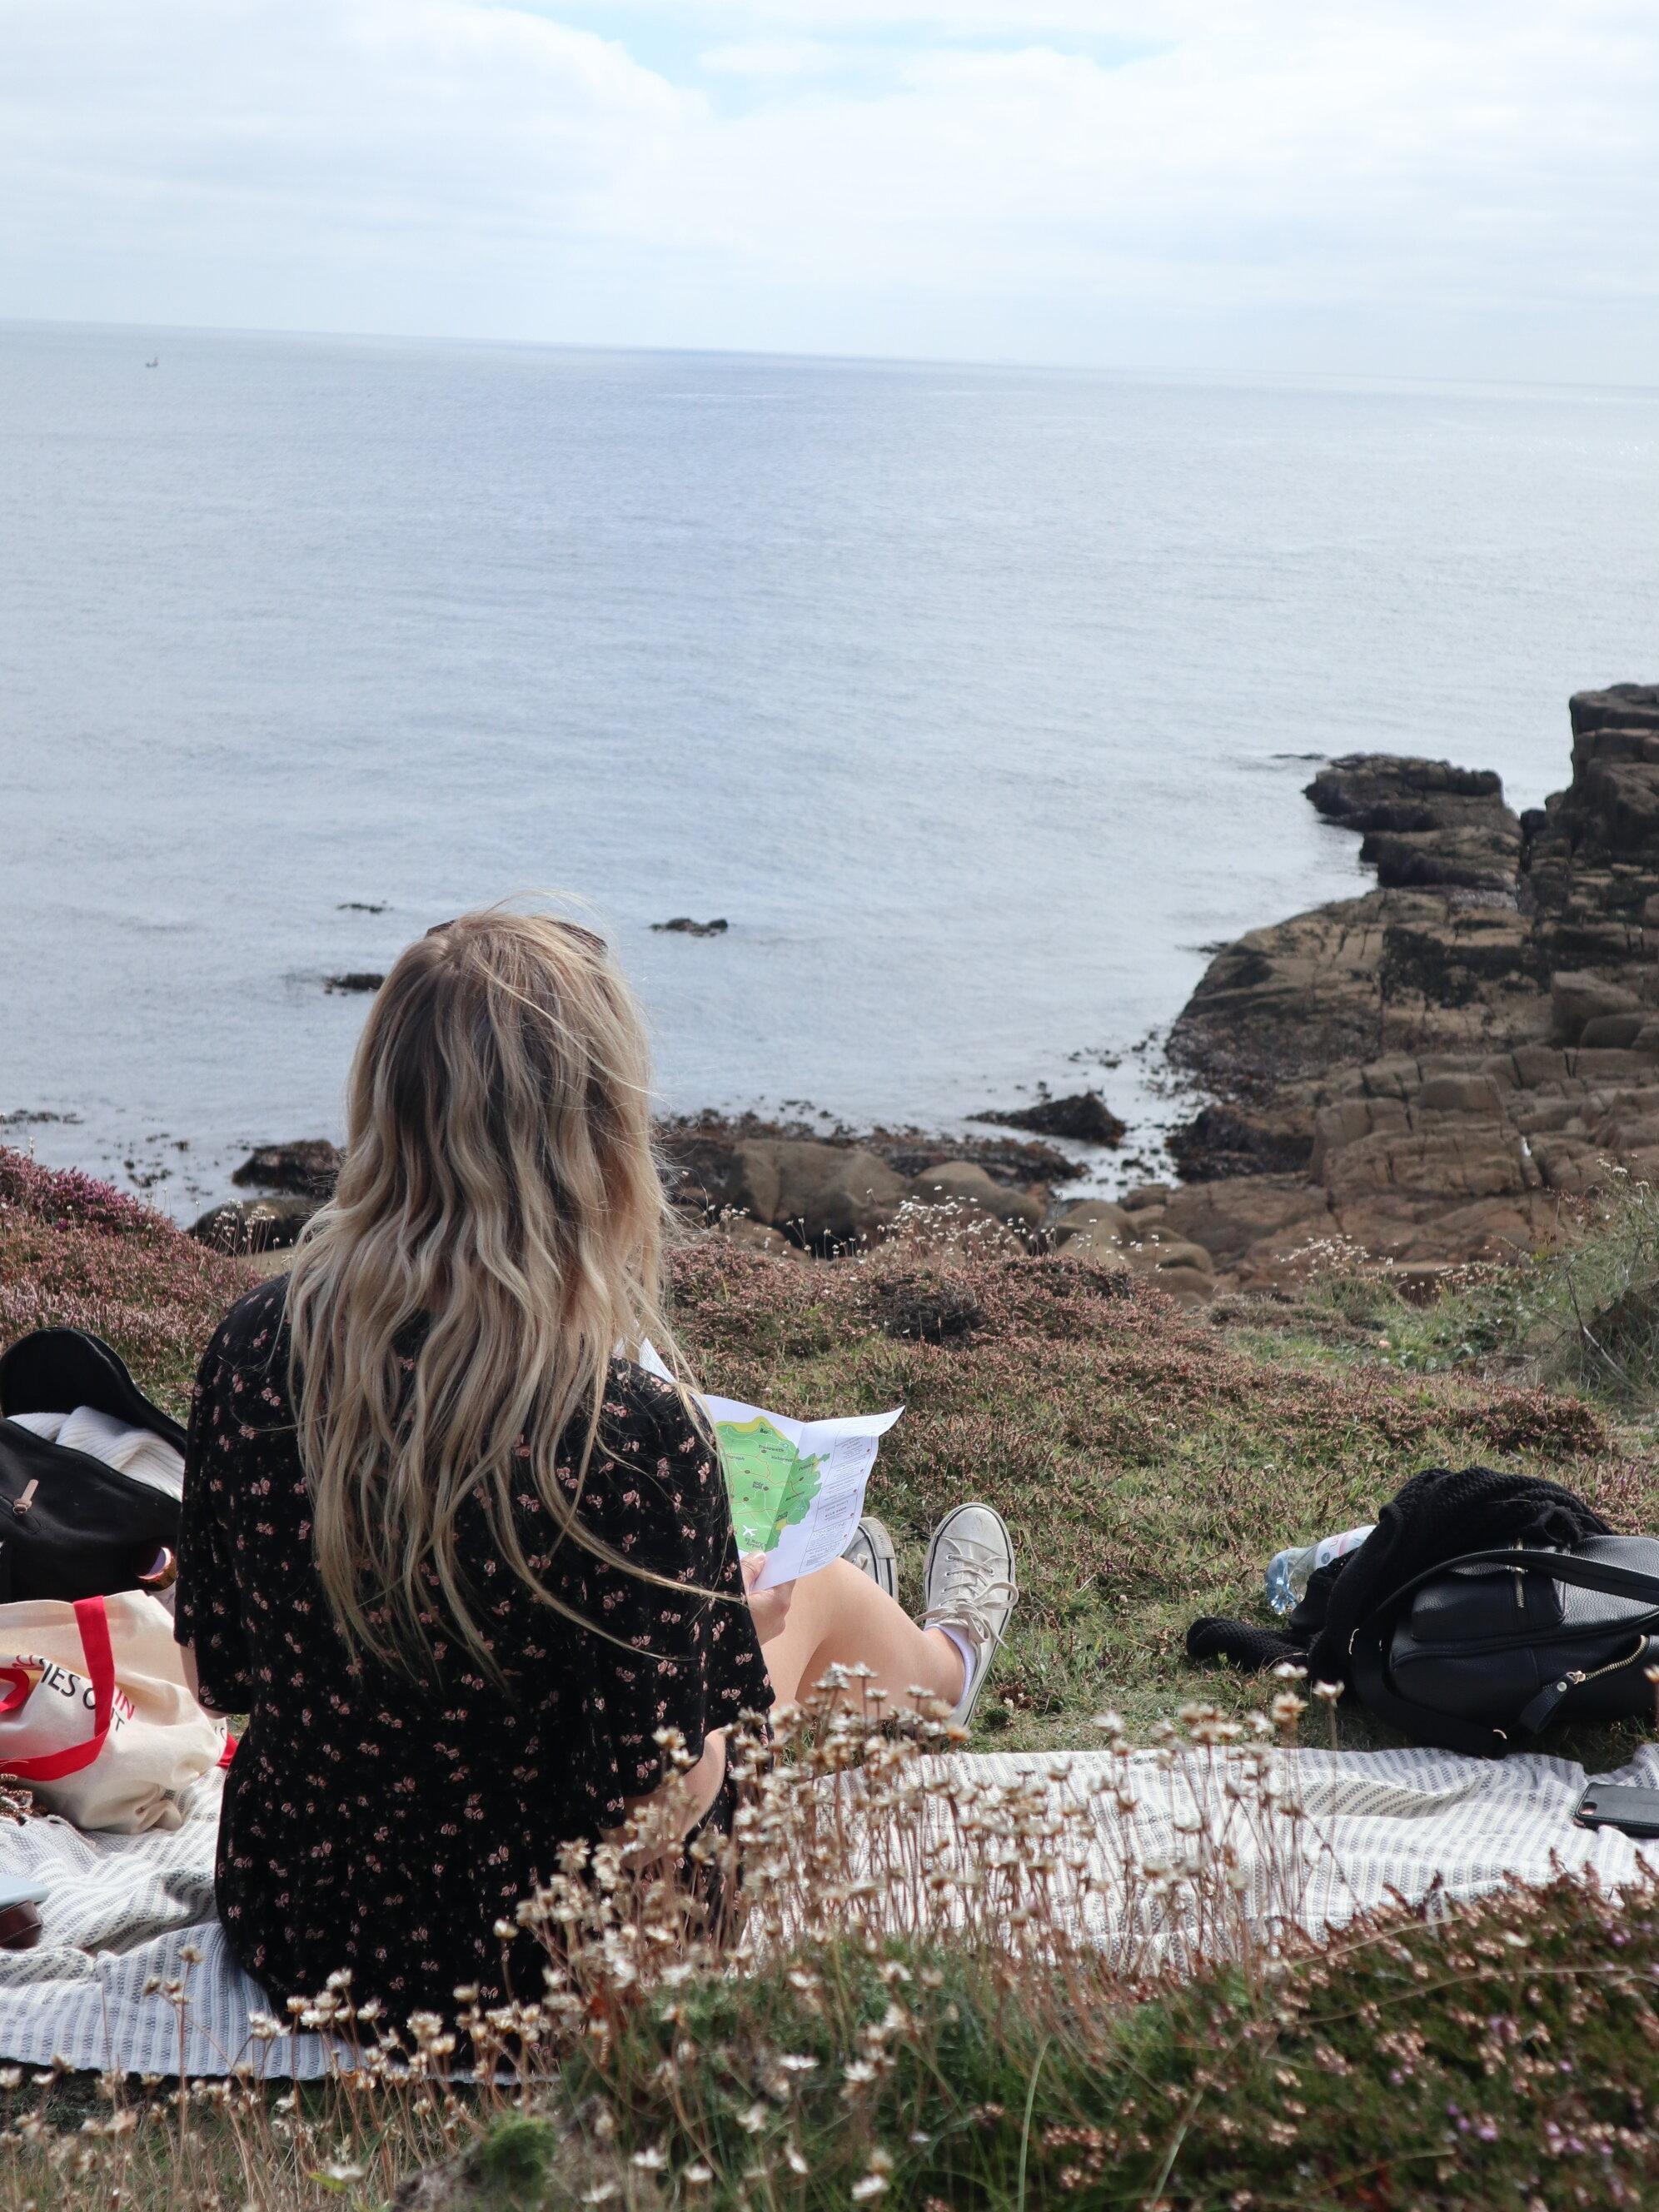 Picnic spot on st marys